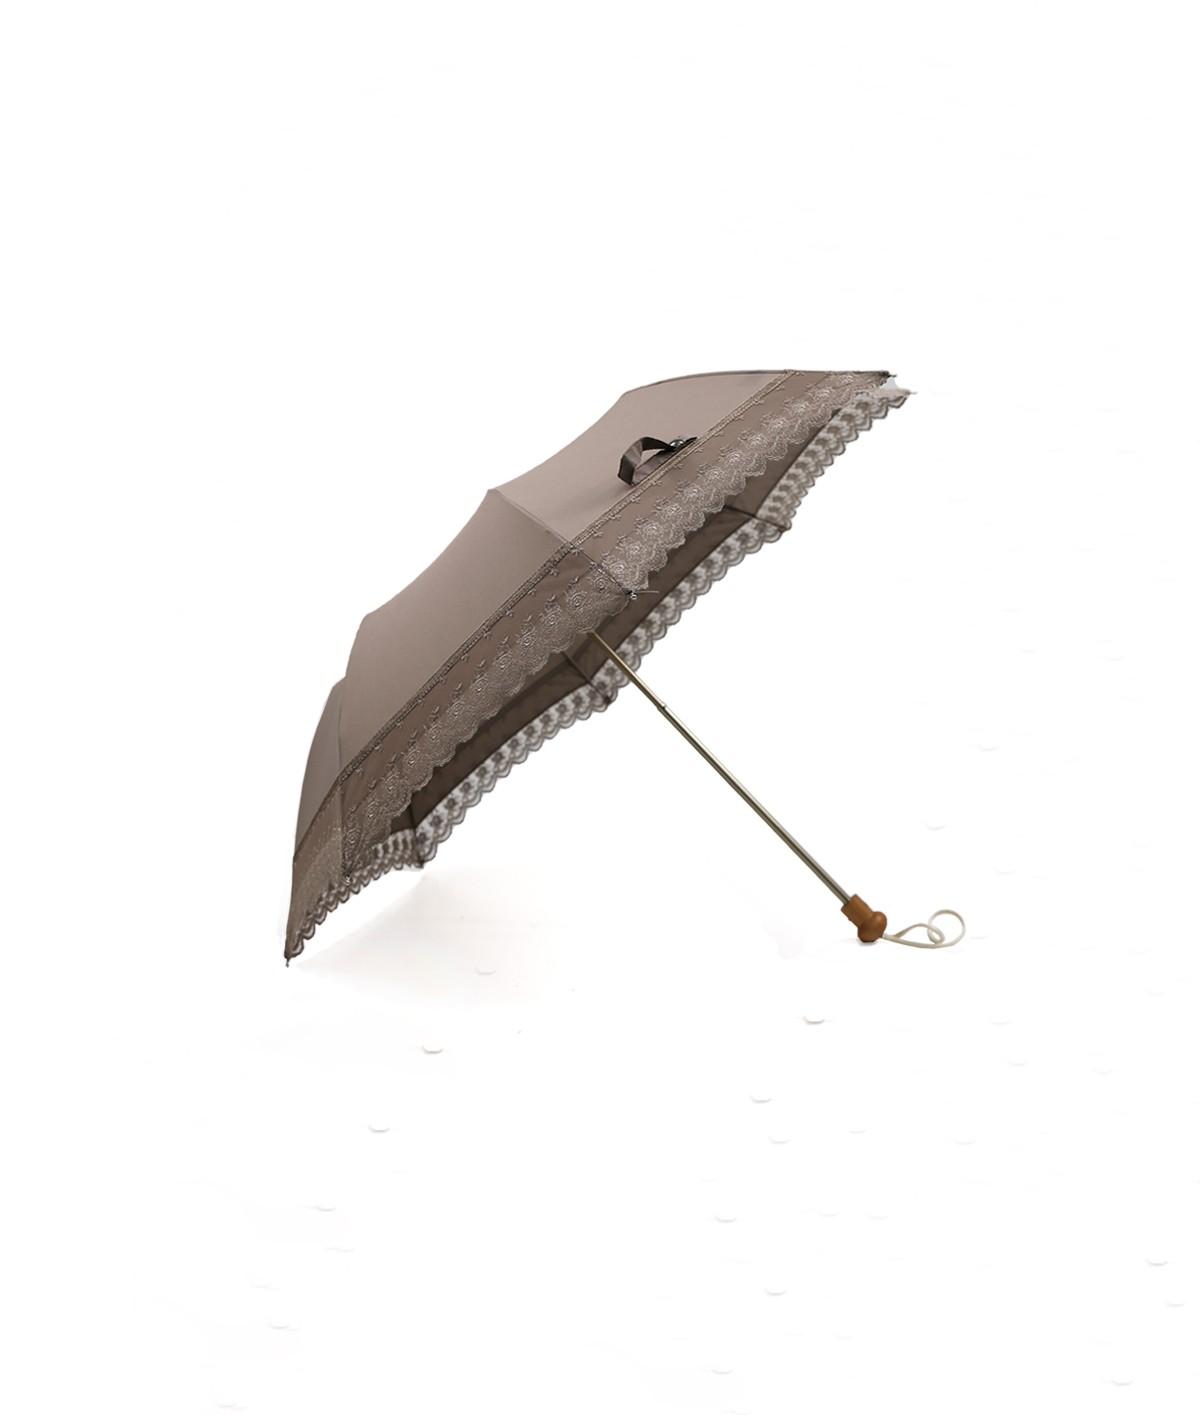 → Ombrelle Romantique Pliante à Dentelle - Made in France par le leader des fabricants de parapluies français Maison Pierre Vaux